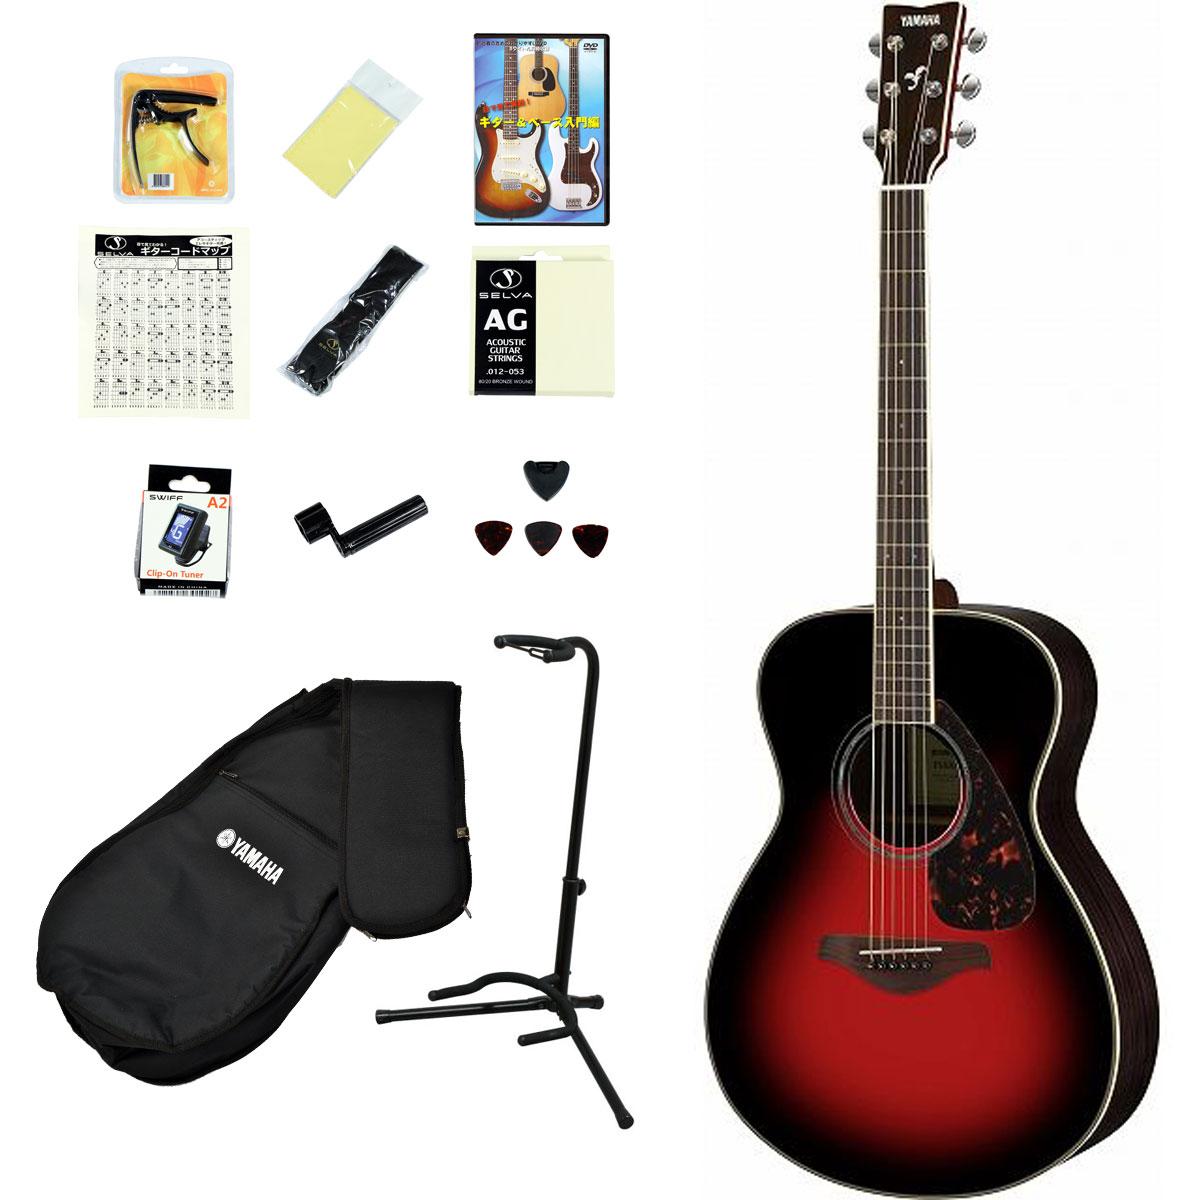 YAMAHA / FS830 DSR(ダスクサンレッド) 【アコースティックギター14点入門セット!】 ヤマハ アコギ フォークギター FS-830 入門 初心者【YRK】